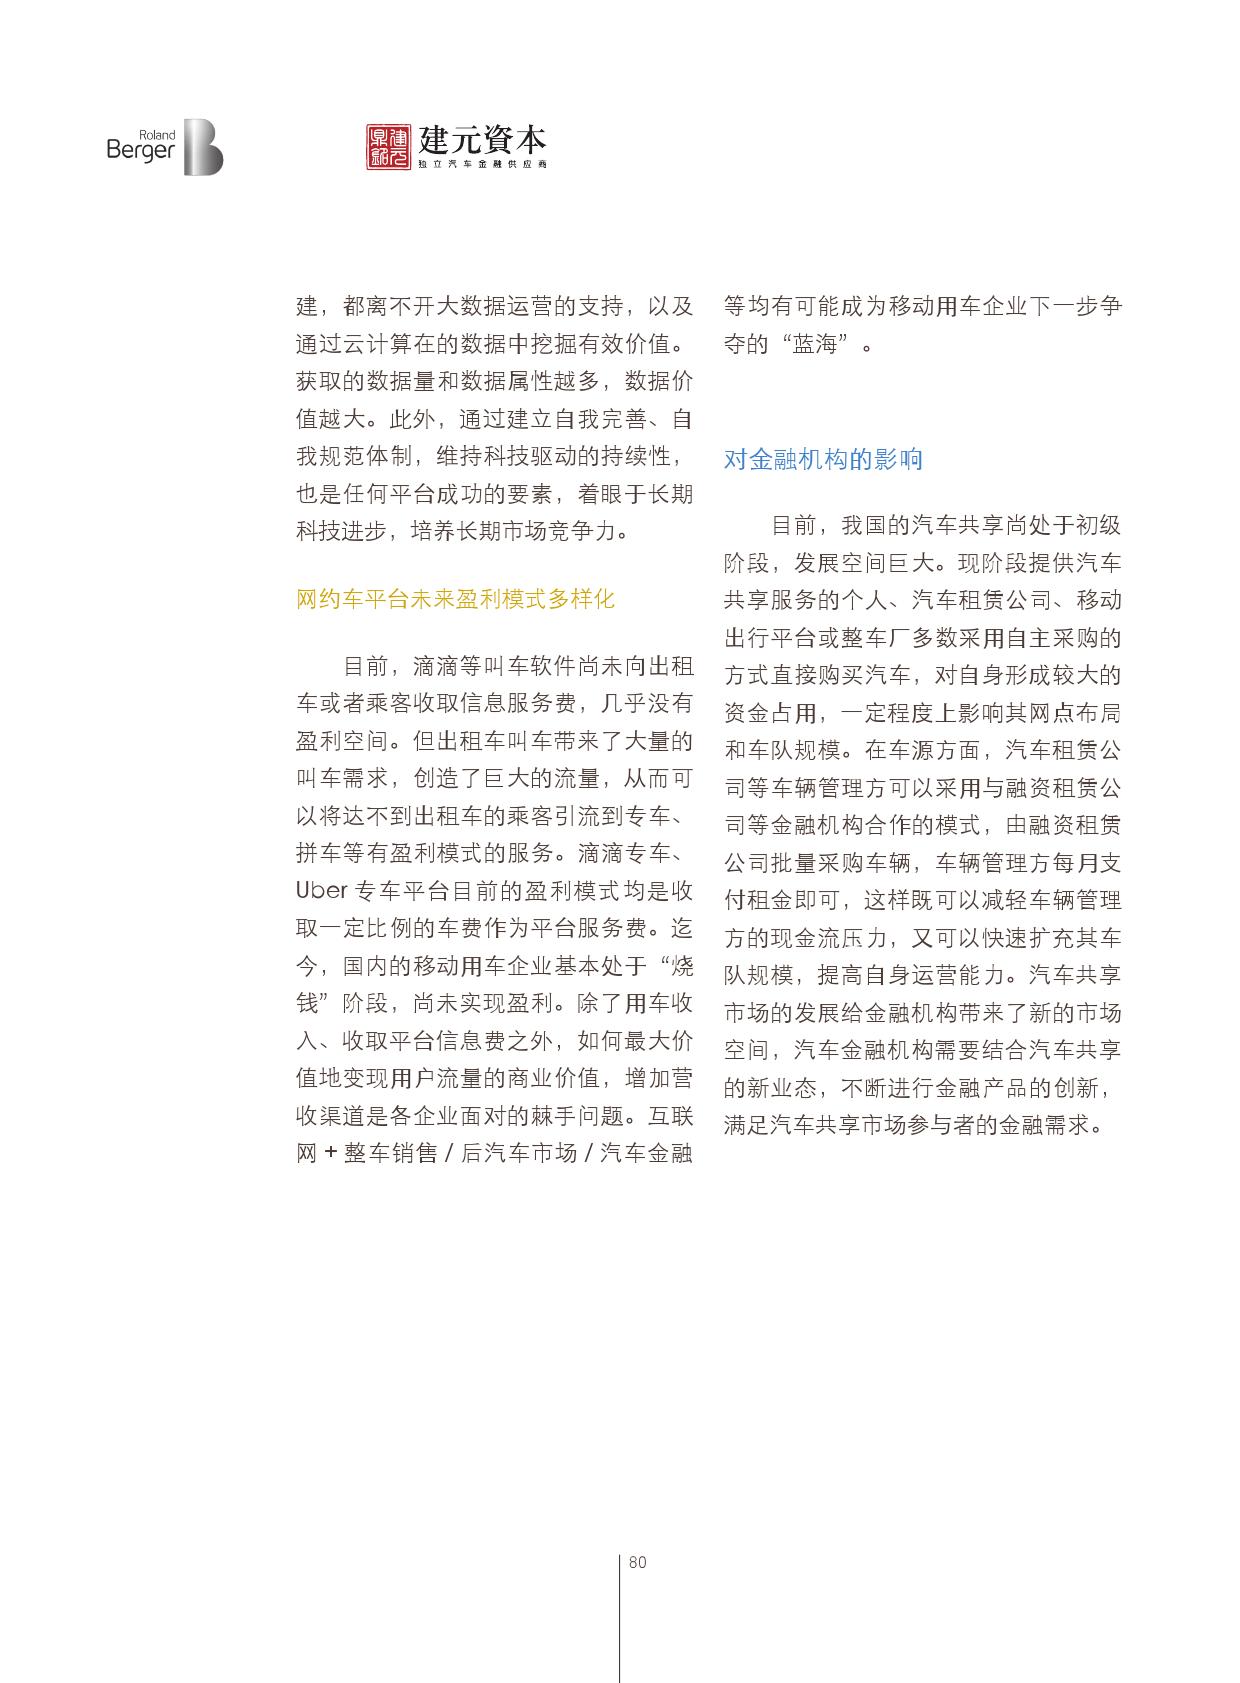 2016中国汽车金融报告_000081